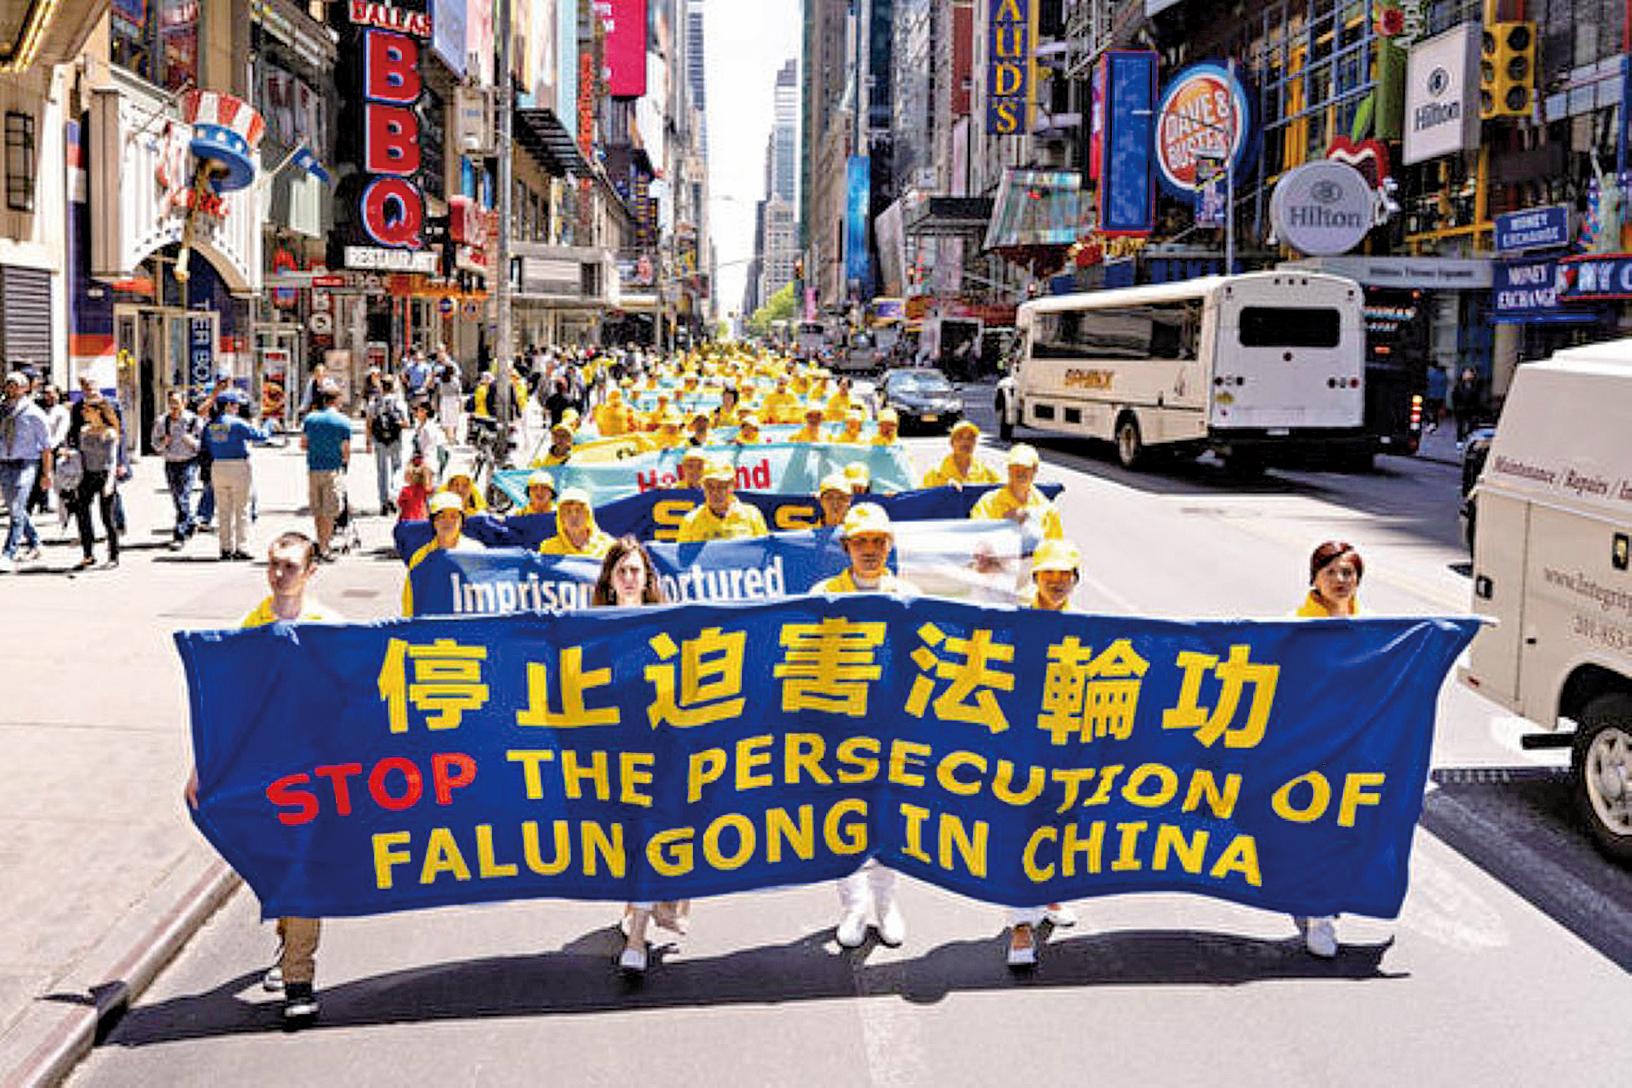 中共對法輪功的迫害已成為當前國際社會重要的人權大案。圖為2019年5月16日,紐約法輪功學員在大遊行中以橫幅呼籲中共停止迫害。(戴兵/大紀元)